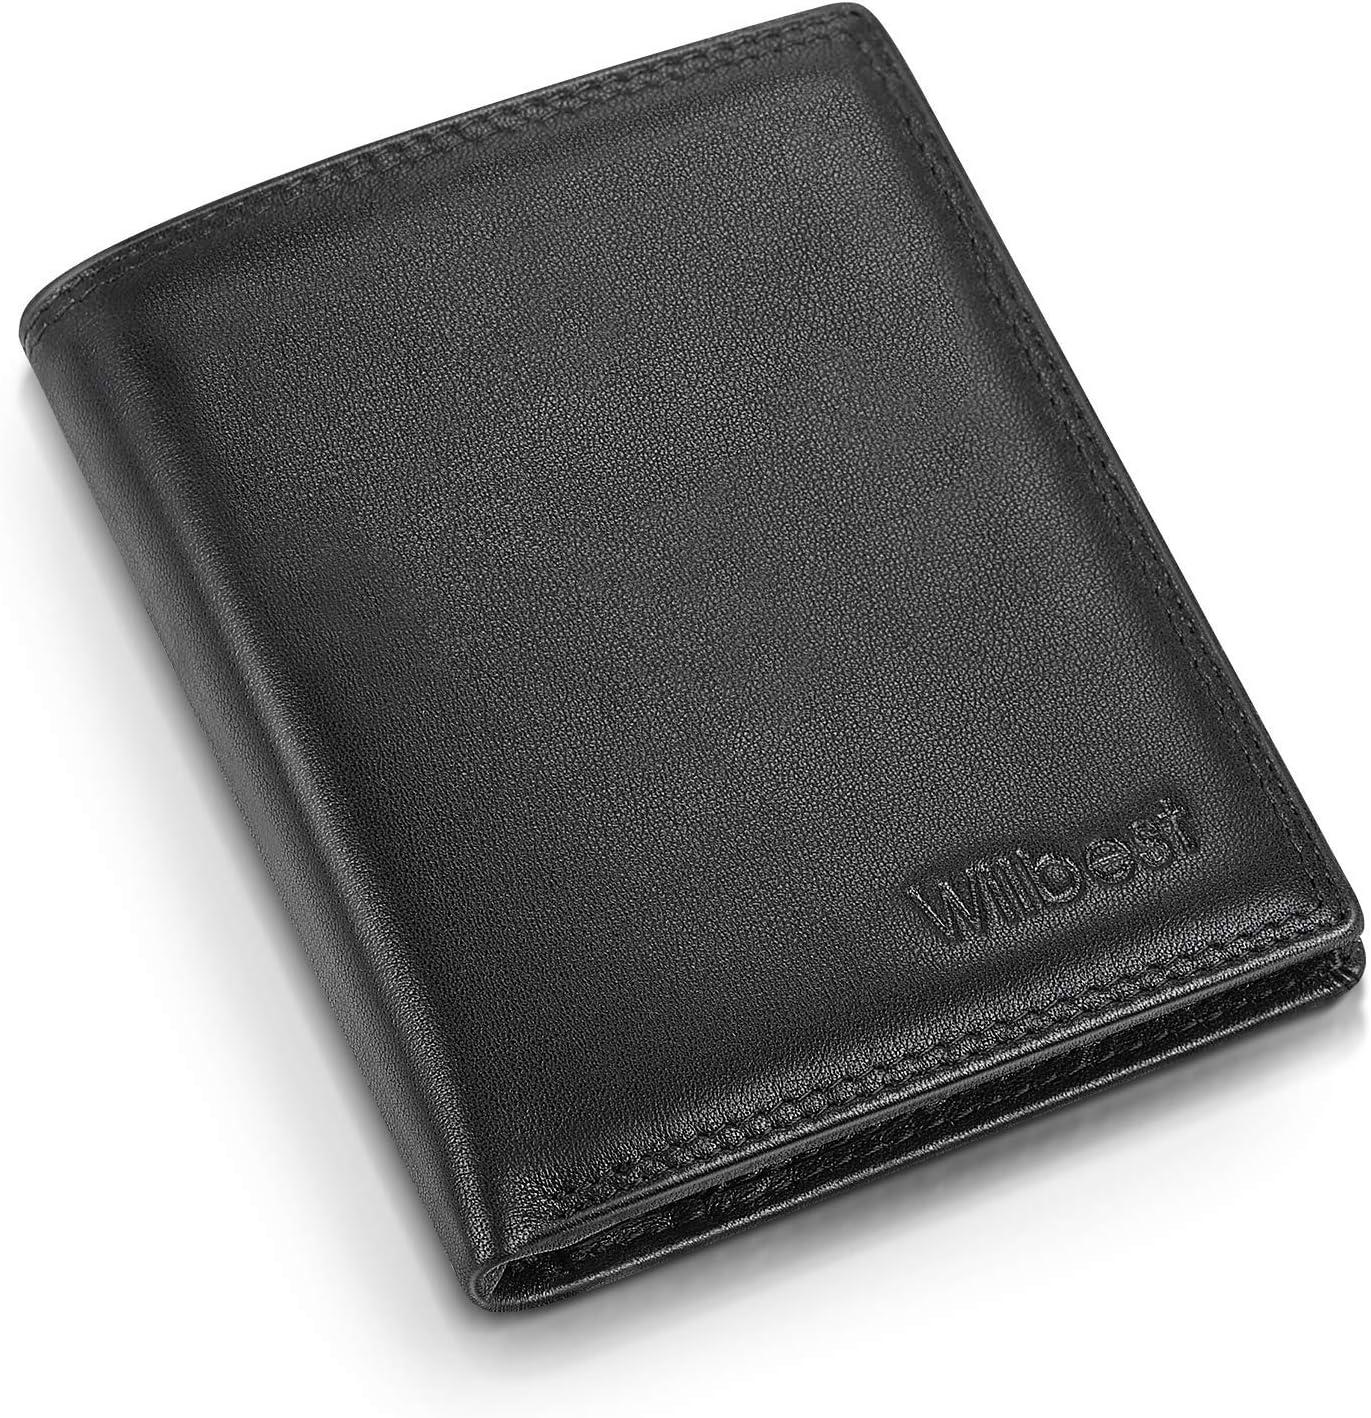 wilbest® Carteras para Hombre, Cartera Hombre con RFID Bloqueo, Cuero de Napa Billeteras Hombre Piel con 17 Compartimentos para Billeteras/ID/Tarjetas/Monedas, Muestra de Cuero & Manual (Negro)